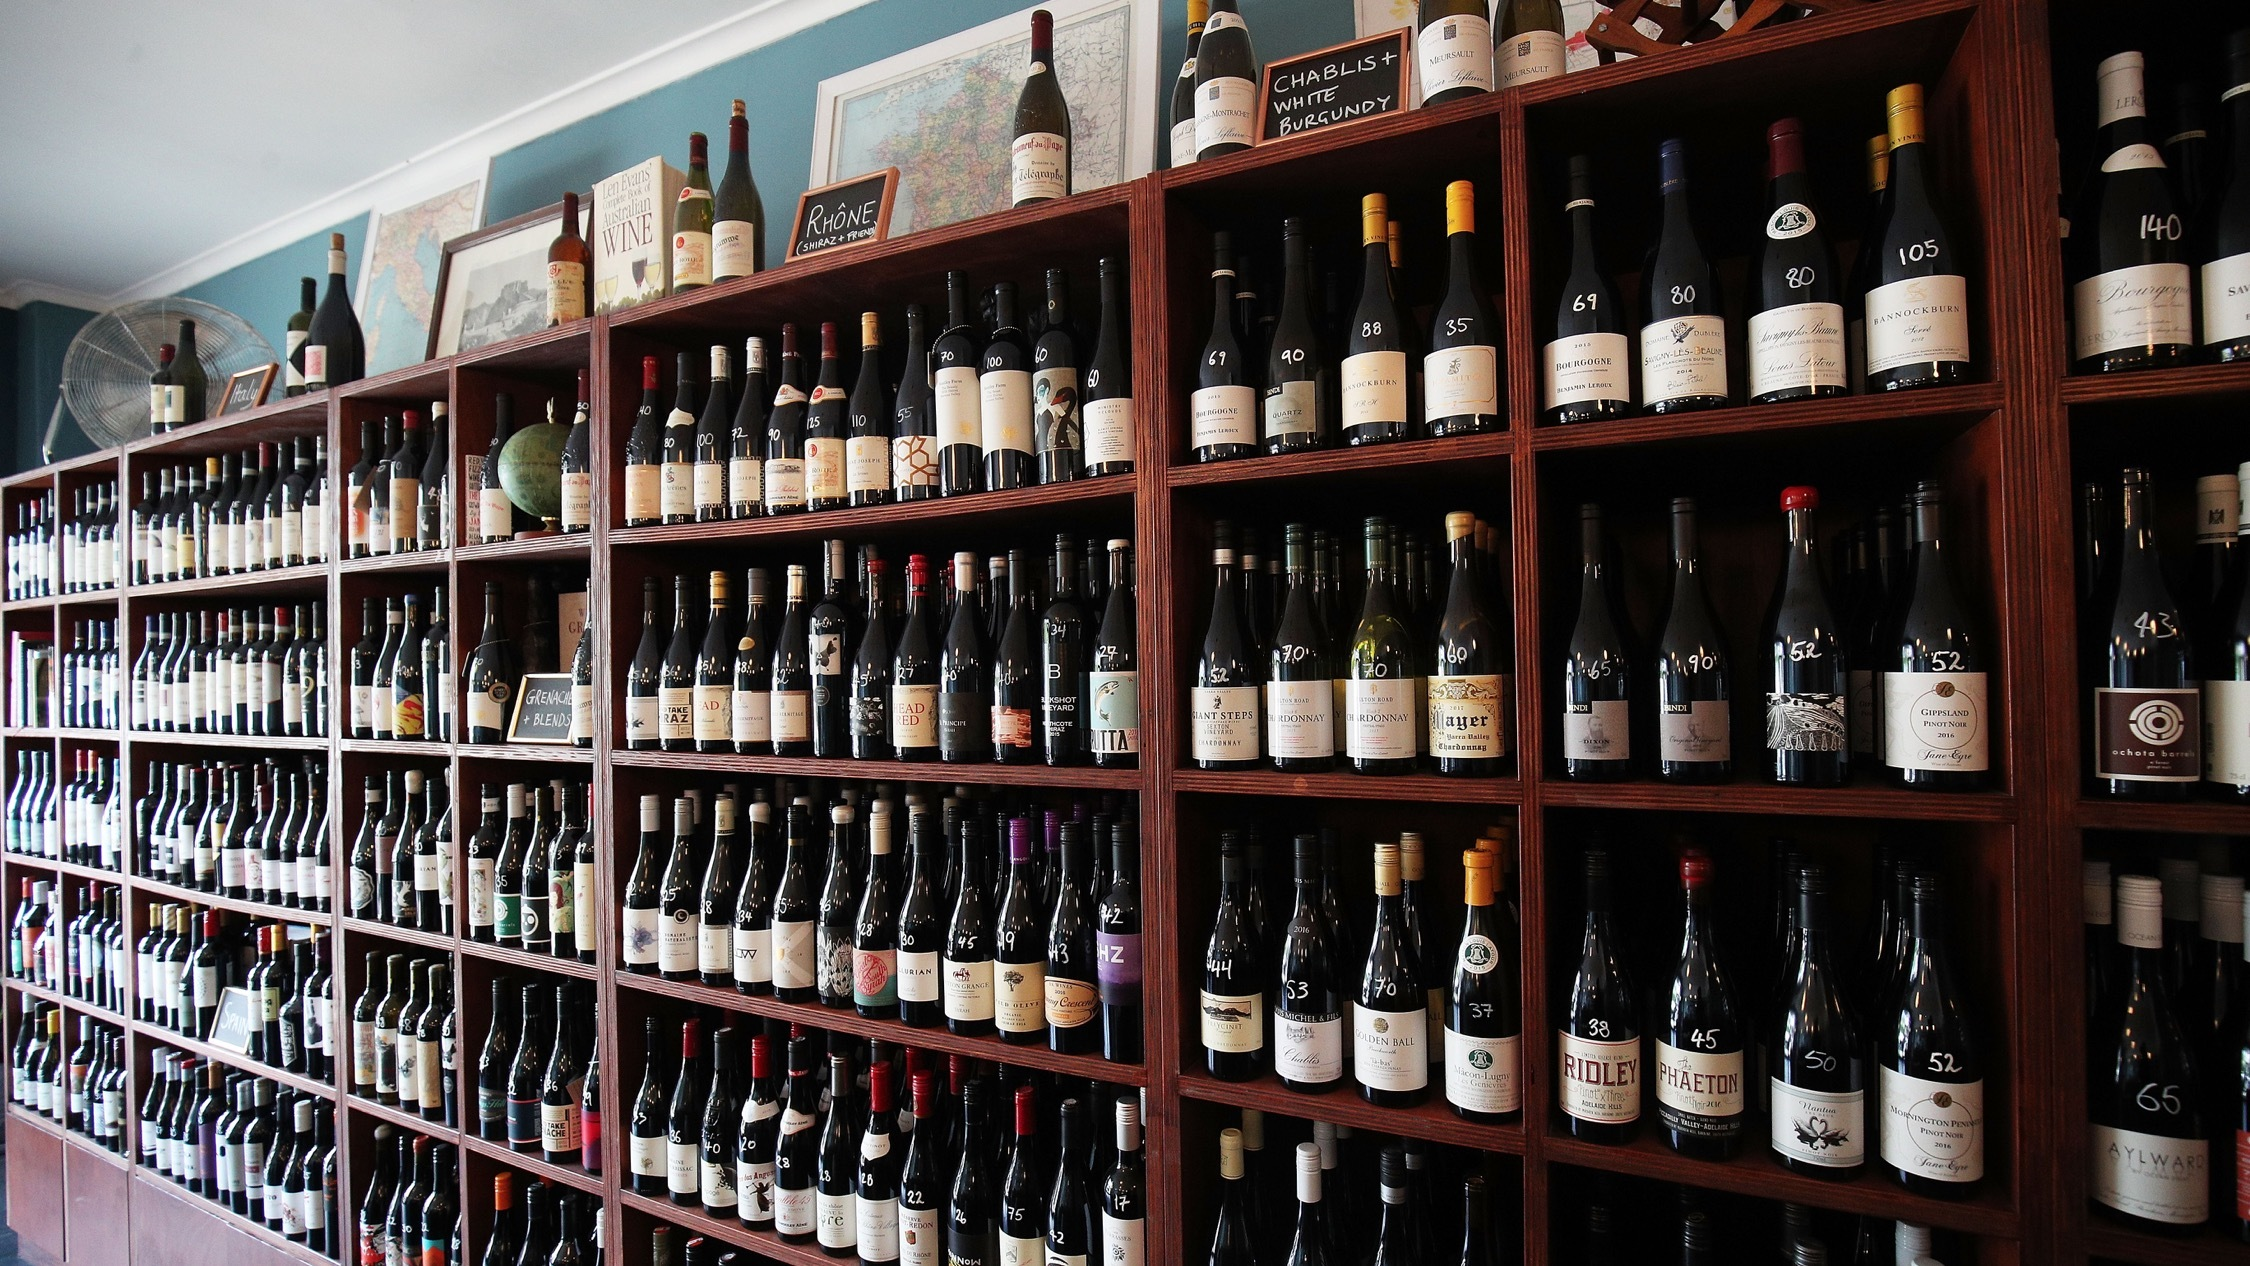 Wines at Atlas Vinifera